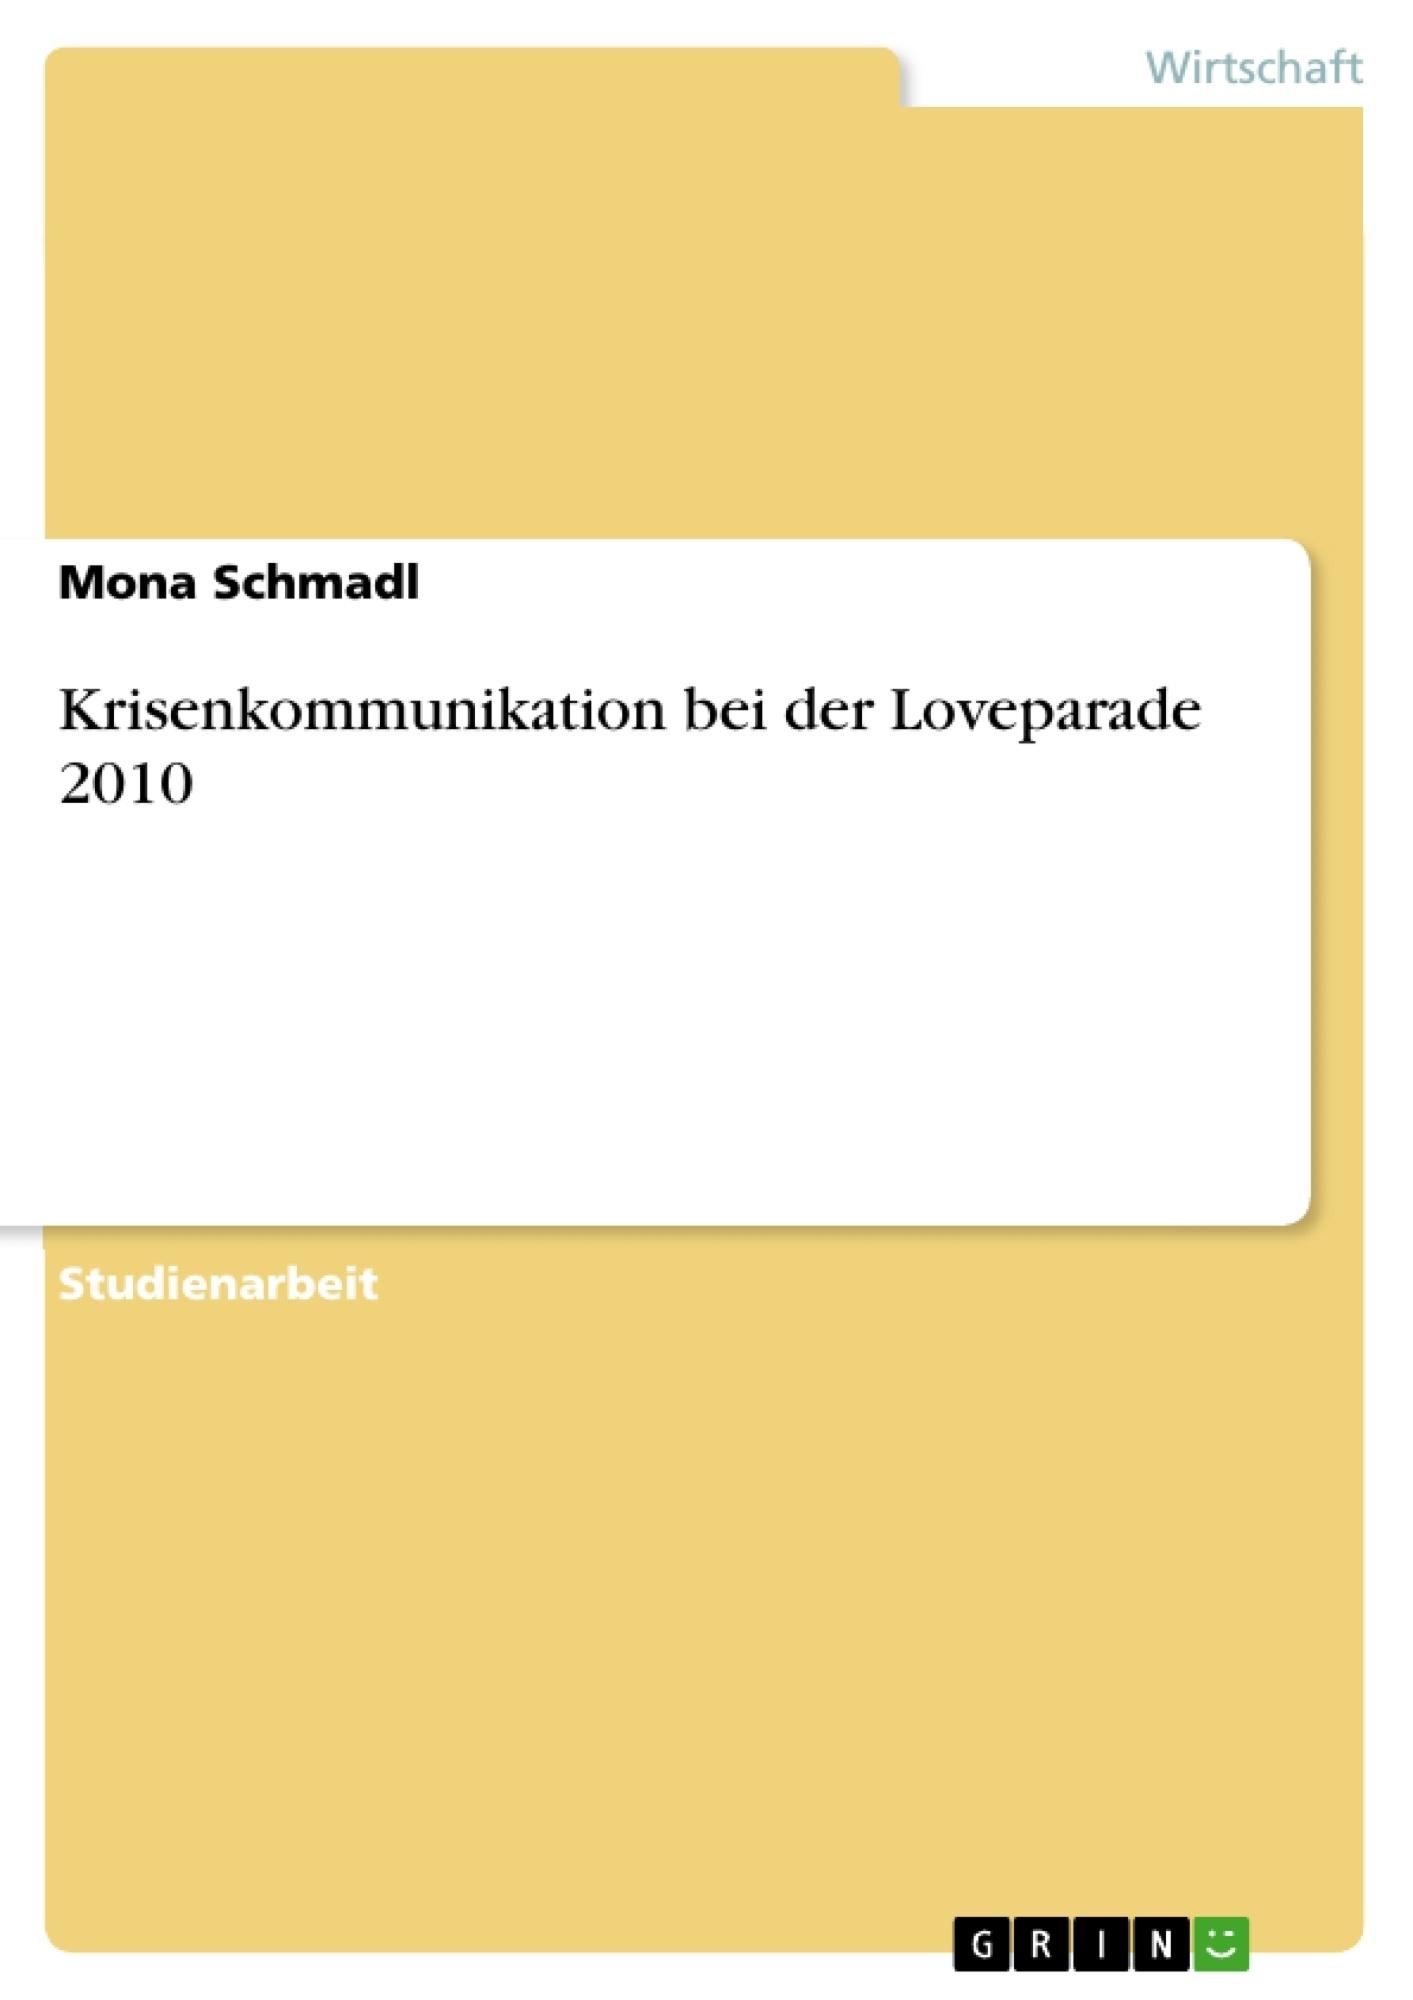 Titel: Krisenkommunikation bei der Loveparade 2010